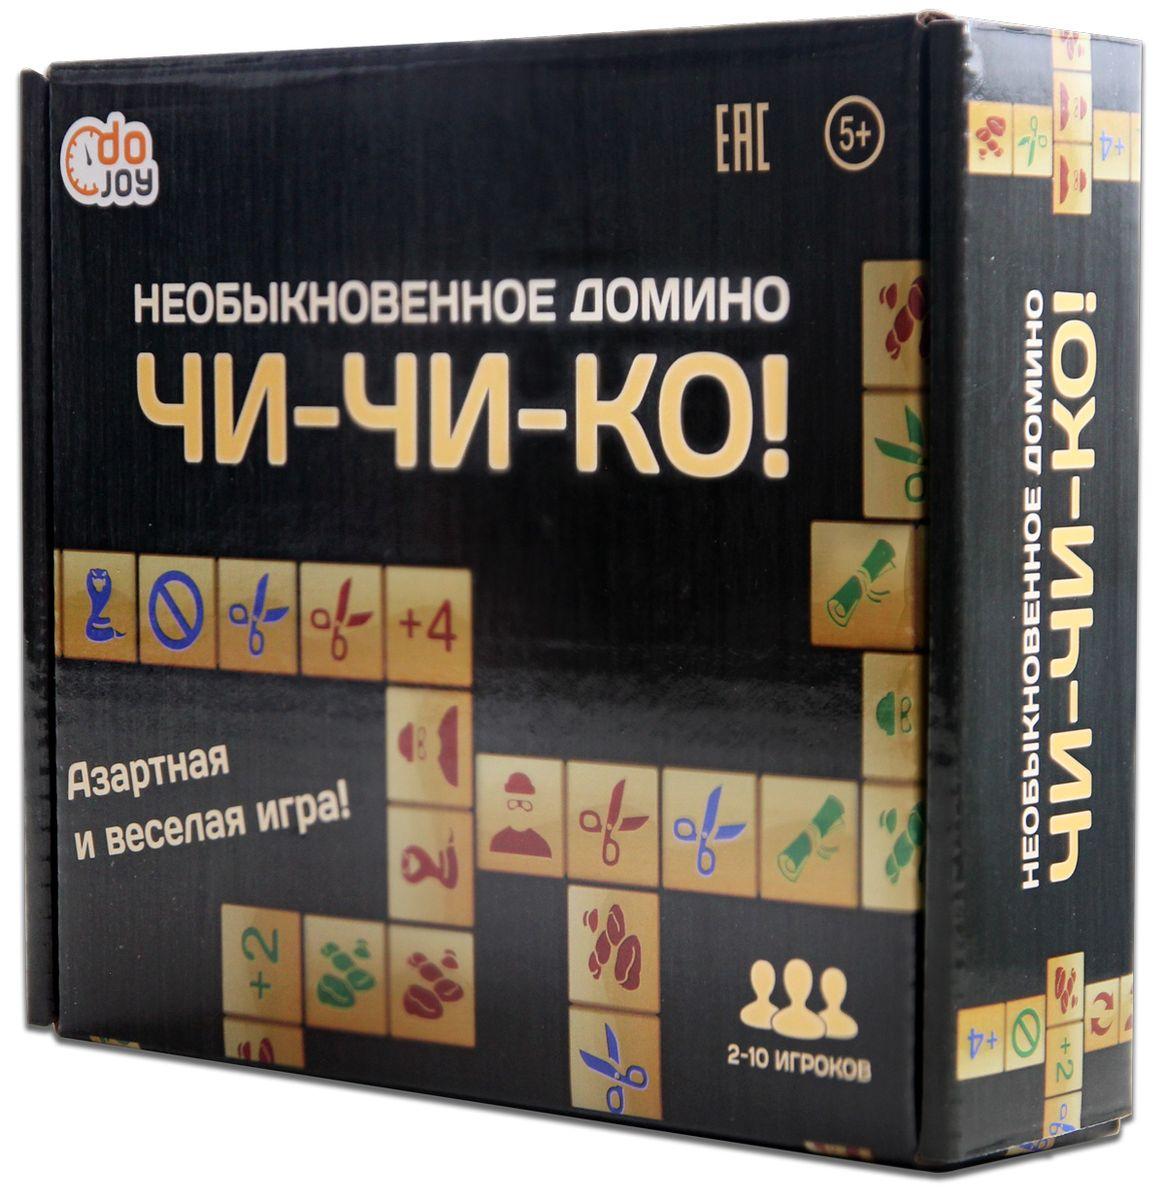 DoJoy Настольная игра Чи-Чи-Ко Необыкновенное Домино1002В основу настольной игры «ЧИ-ЧИ-КО!» легли правила классического домино, но, поверьте, получилась совершенно другая игра! Это новый «азартный» взгляд на легендарную игру. «ЧИ-ЧИ-КО!» более динамичная настольная игра, увлекающая и в нее интересно играть как в маленькой, так и в большой компании. Вместо привычных всем точек на доминошках игры «ЧИ-ЧИ-КО!» изображены разноцветные игровые предметы: камень, ножницы, бумага, жулик и змея. Каждый предмет имеет преимущество перед двумя другими. В свой ход вам нужно подобрать доминошку с «побеждающим» предметом подходящего цвета. Кроме этого, на некоторых доминошках также присутствуют другие знаки, обязывающие игроков пропускать ходы, брать дополнительные доминошки из «базара», а также изменять направление игры. Это очень весело! В правилах к «ЧИ-ЧИ-КО!» вы найдете 6 оригинальных способ вести игру, а благодаря большому количеству доминошек играть в настольную игру можно в компании до 10 человек. Настольная игра «ЧИ-ЧИ-КО!» — это самое...